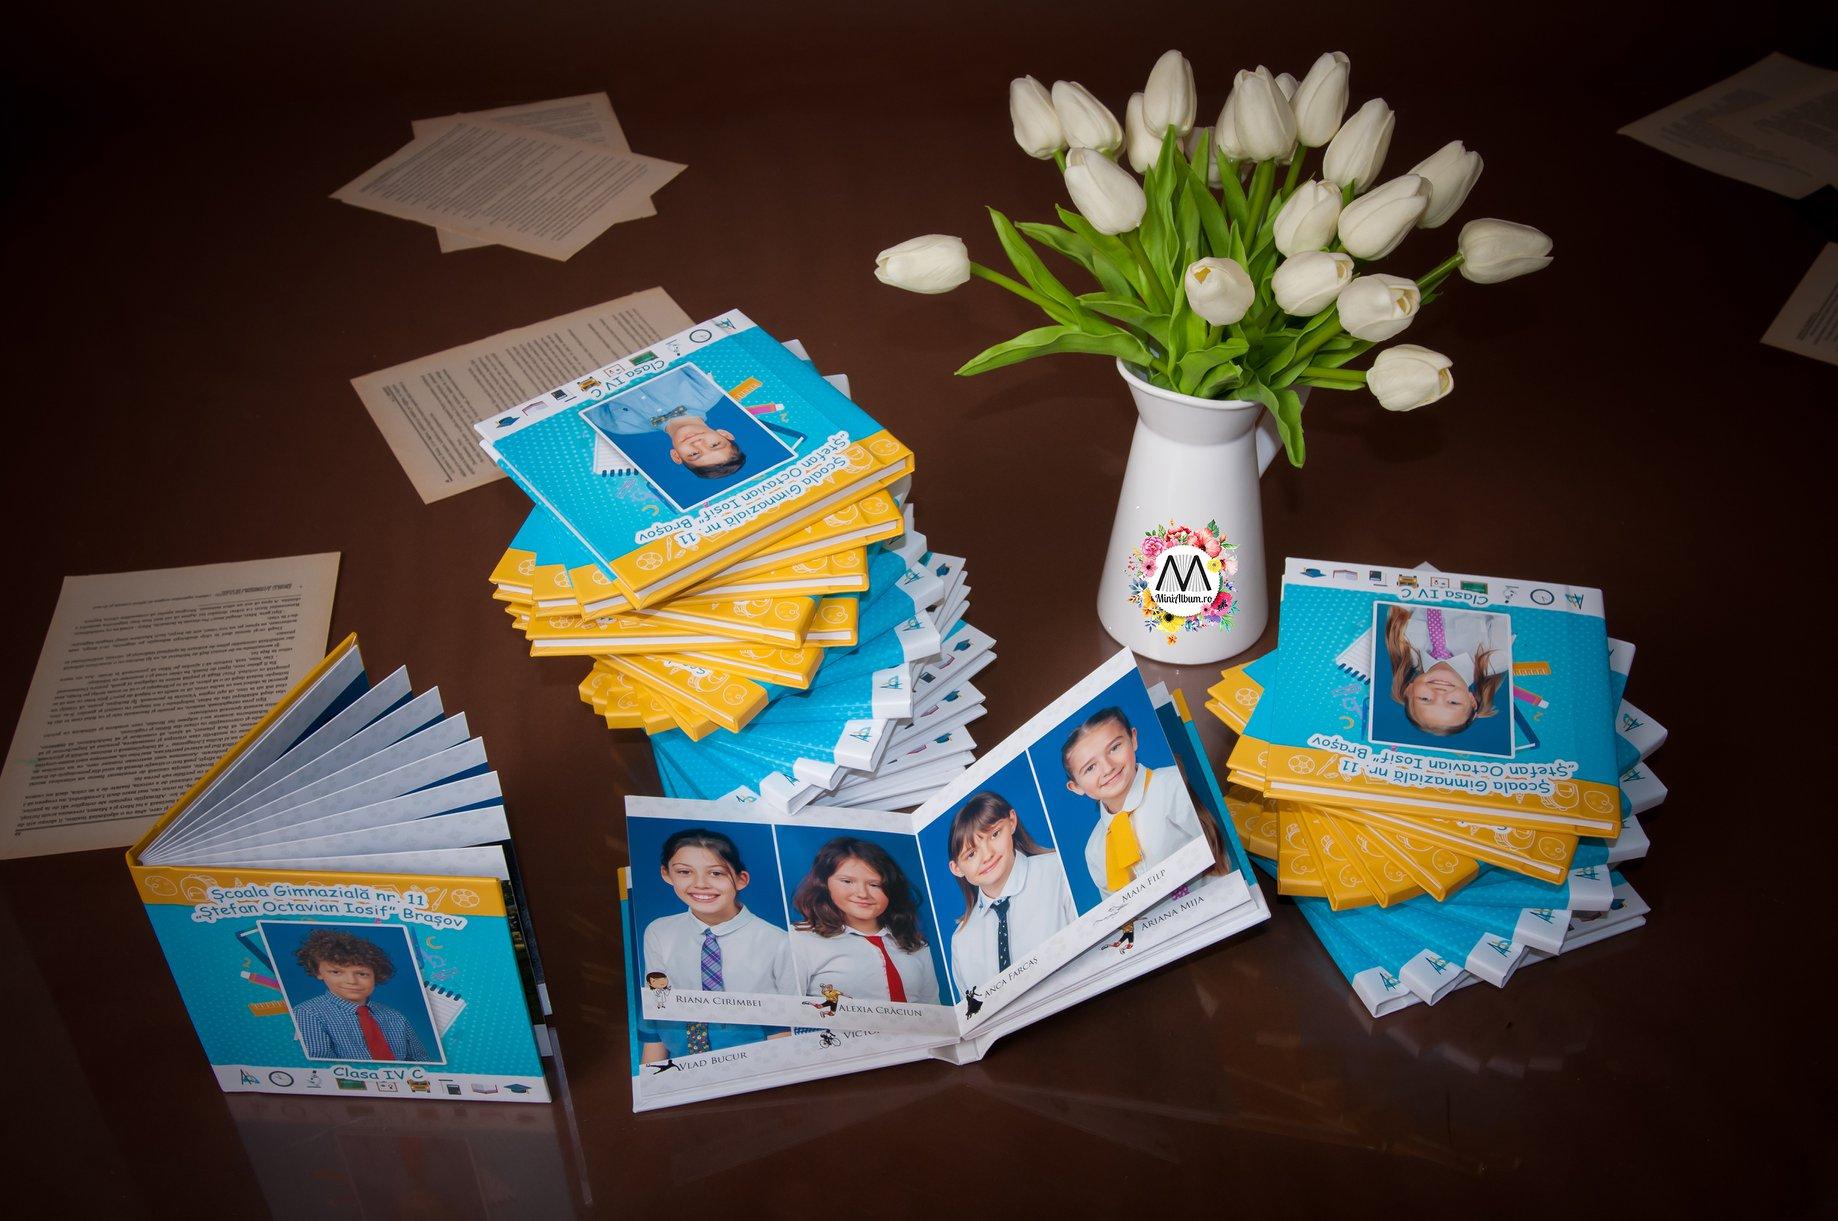 albume fotocarte de absolvire